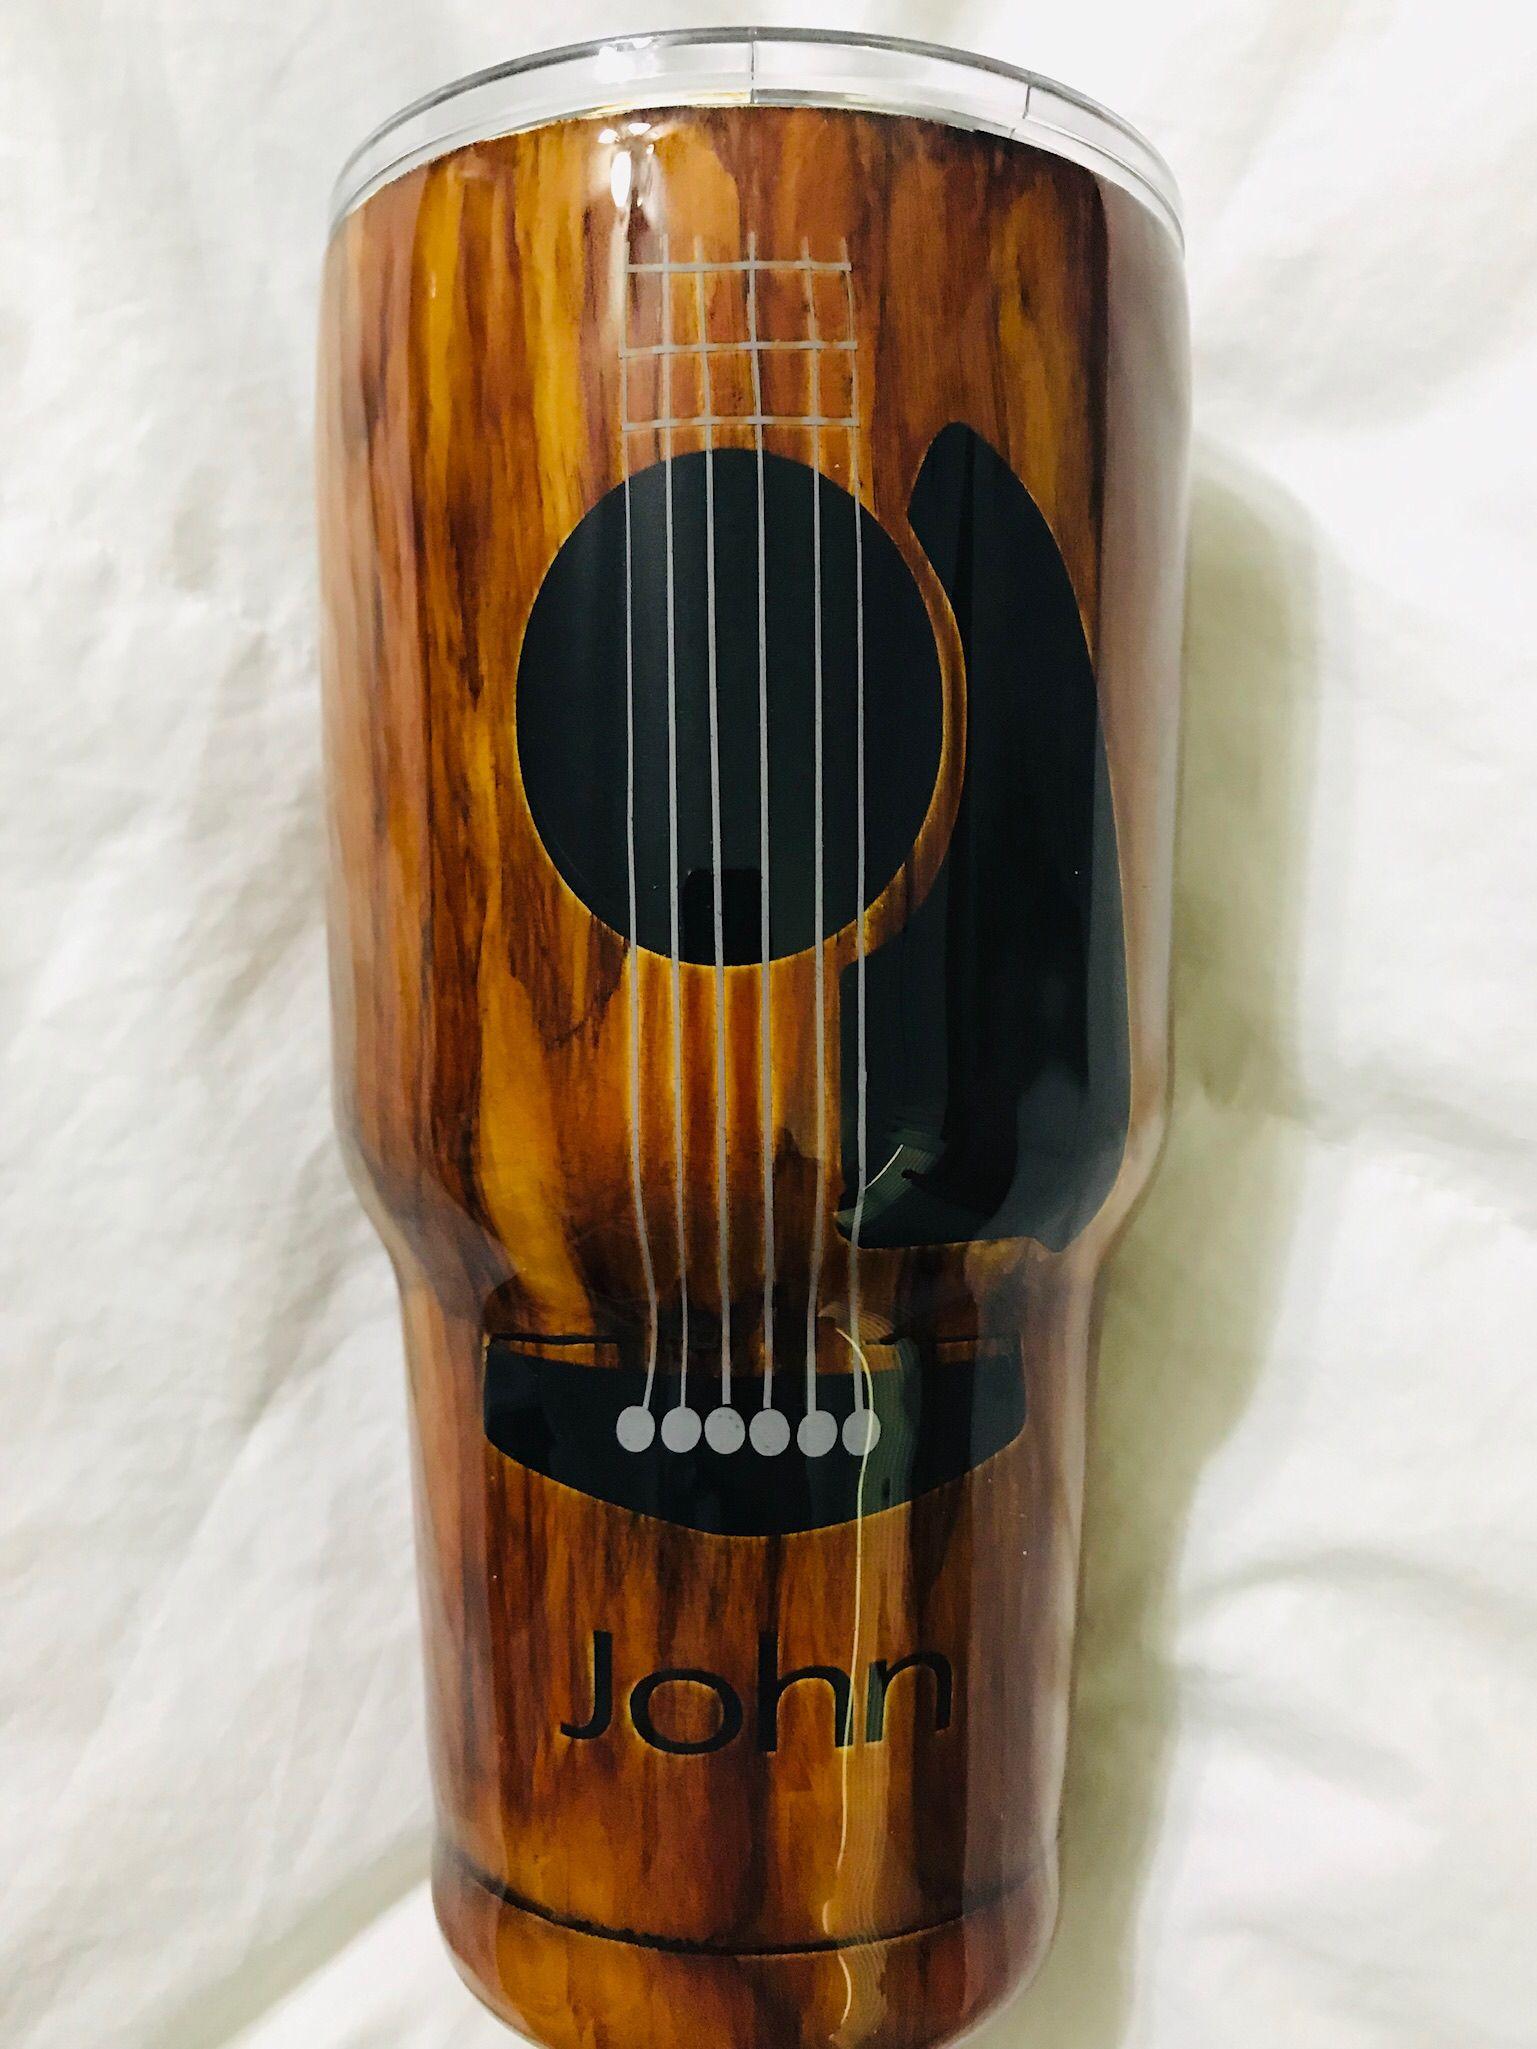 Wood grain tumbler guitar | Our Custom Tumblers | Tumbler